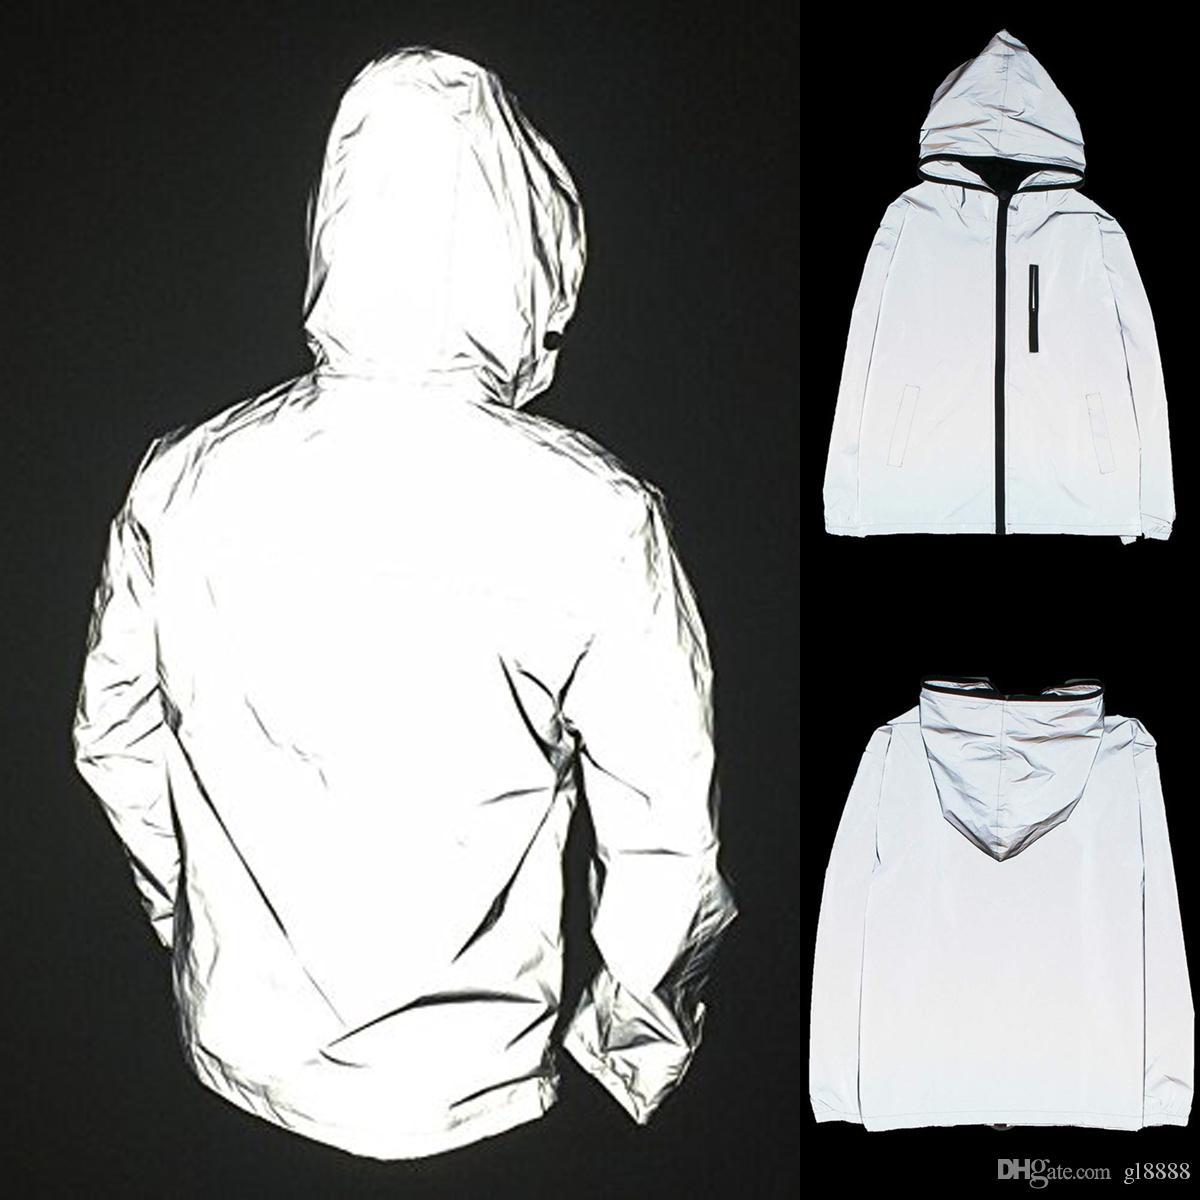 2019 Uomini Streetwear Super riflettenti Giacche Mens Waterproof Jacket in bicicletta Moto Notte sicura Giacca Hip Pop Dance con cappuccio Giacche